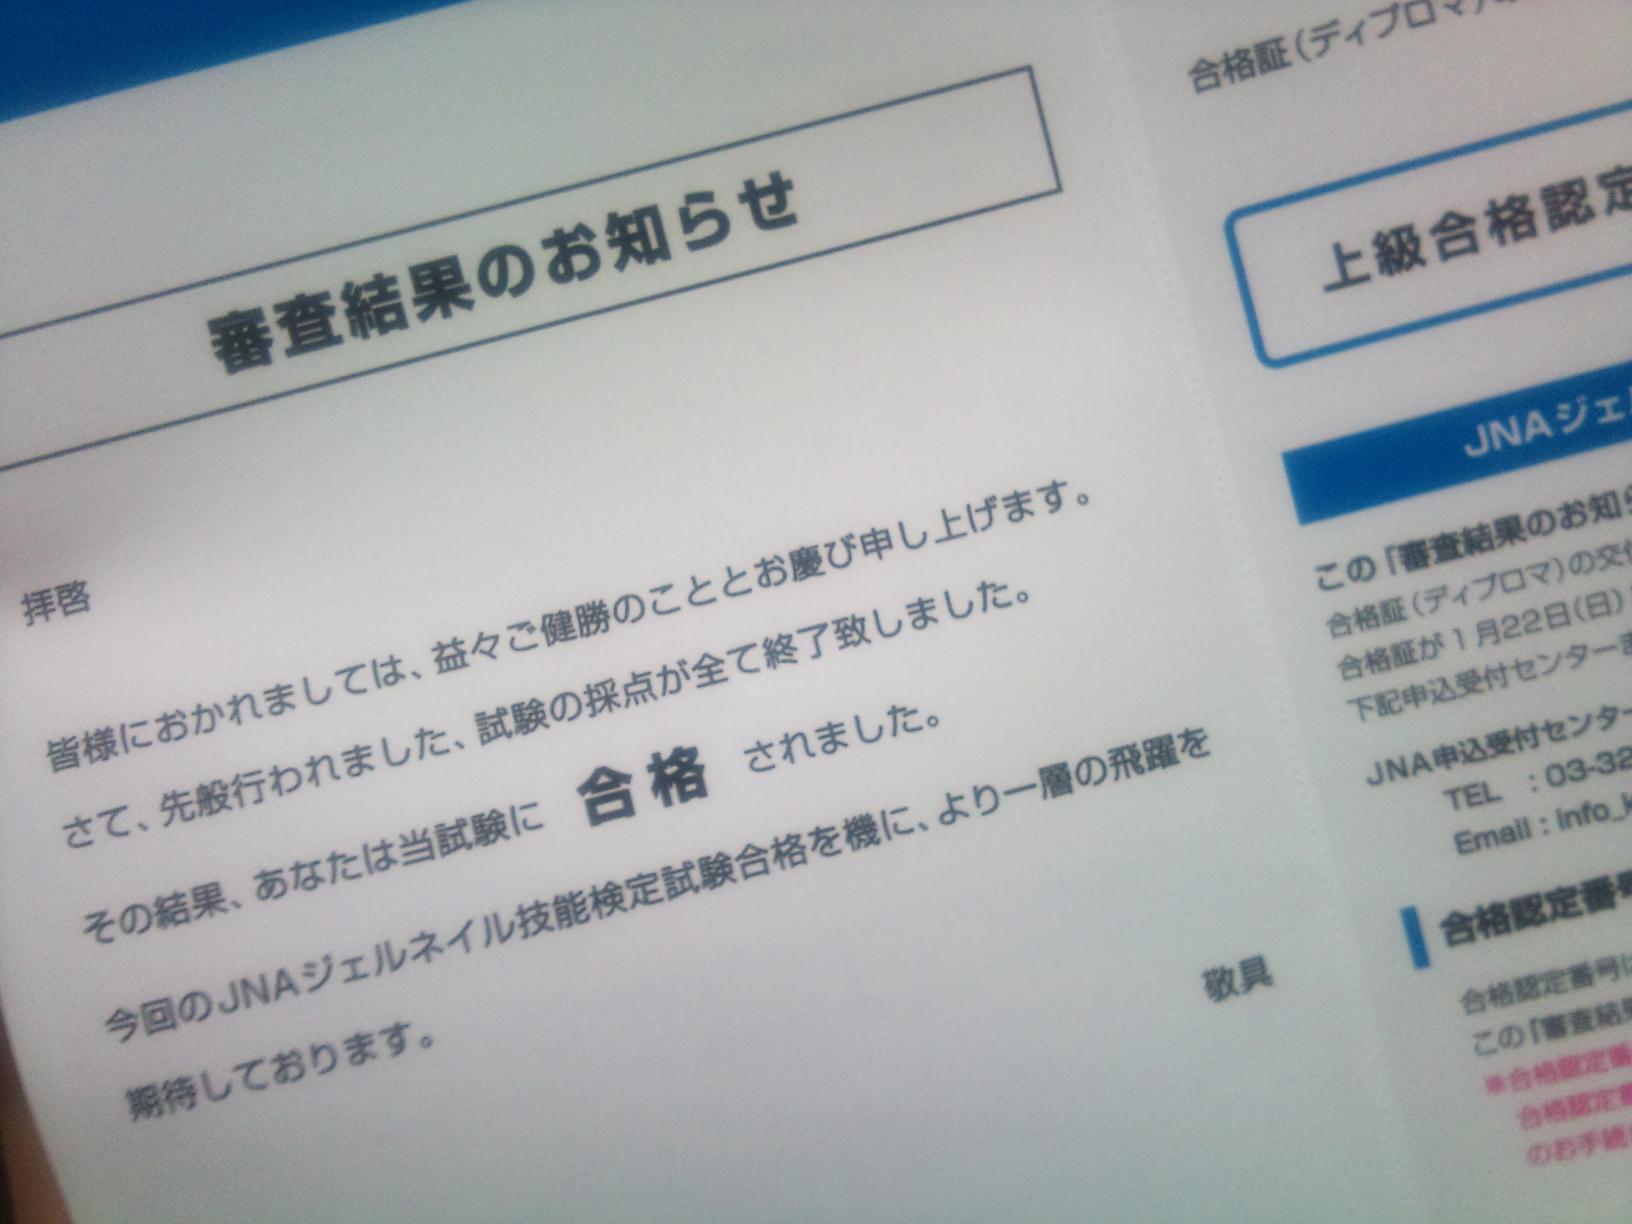 2011-12-07 21.20.08.jpg